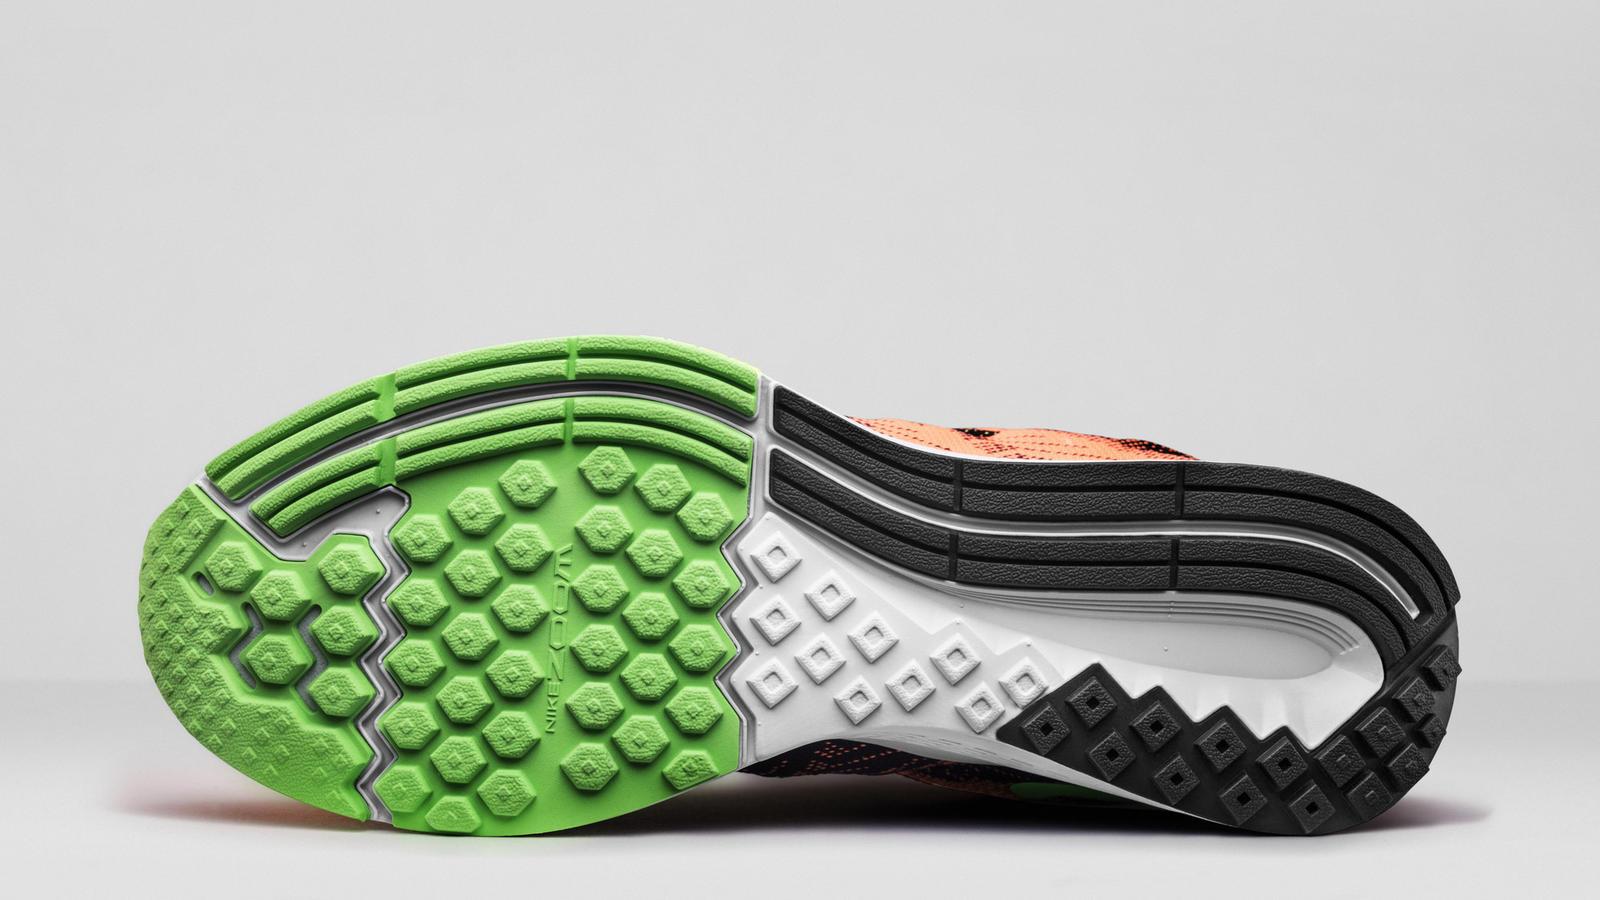 Nike Air Zoom Elite 8: Low, Sleek, Fast